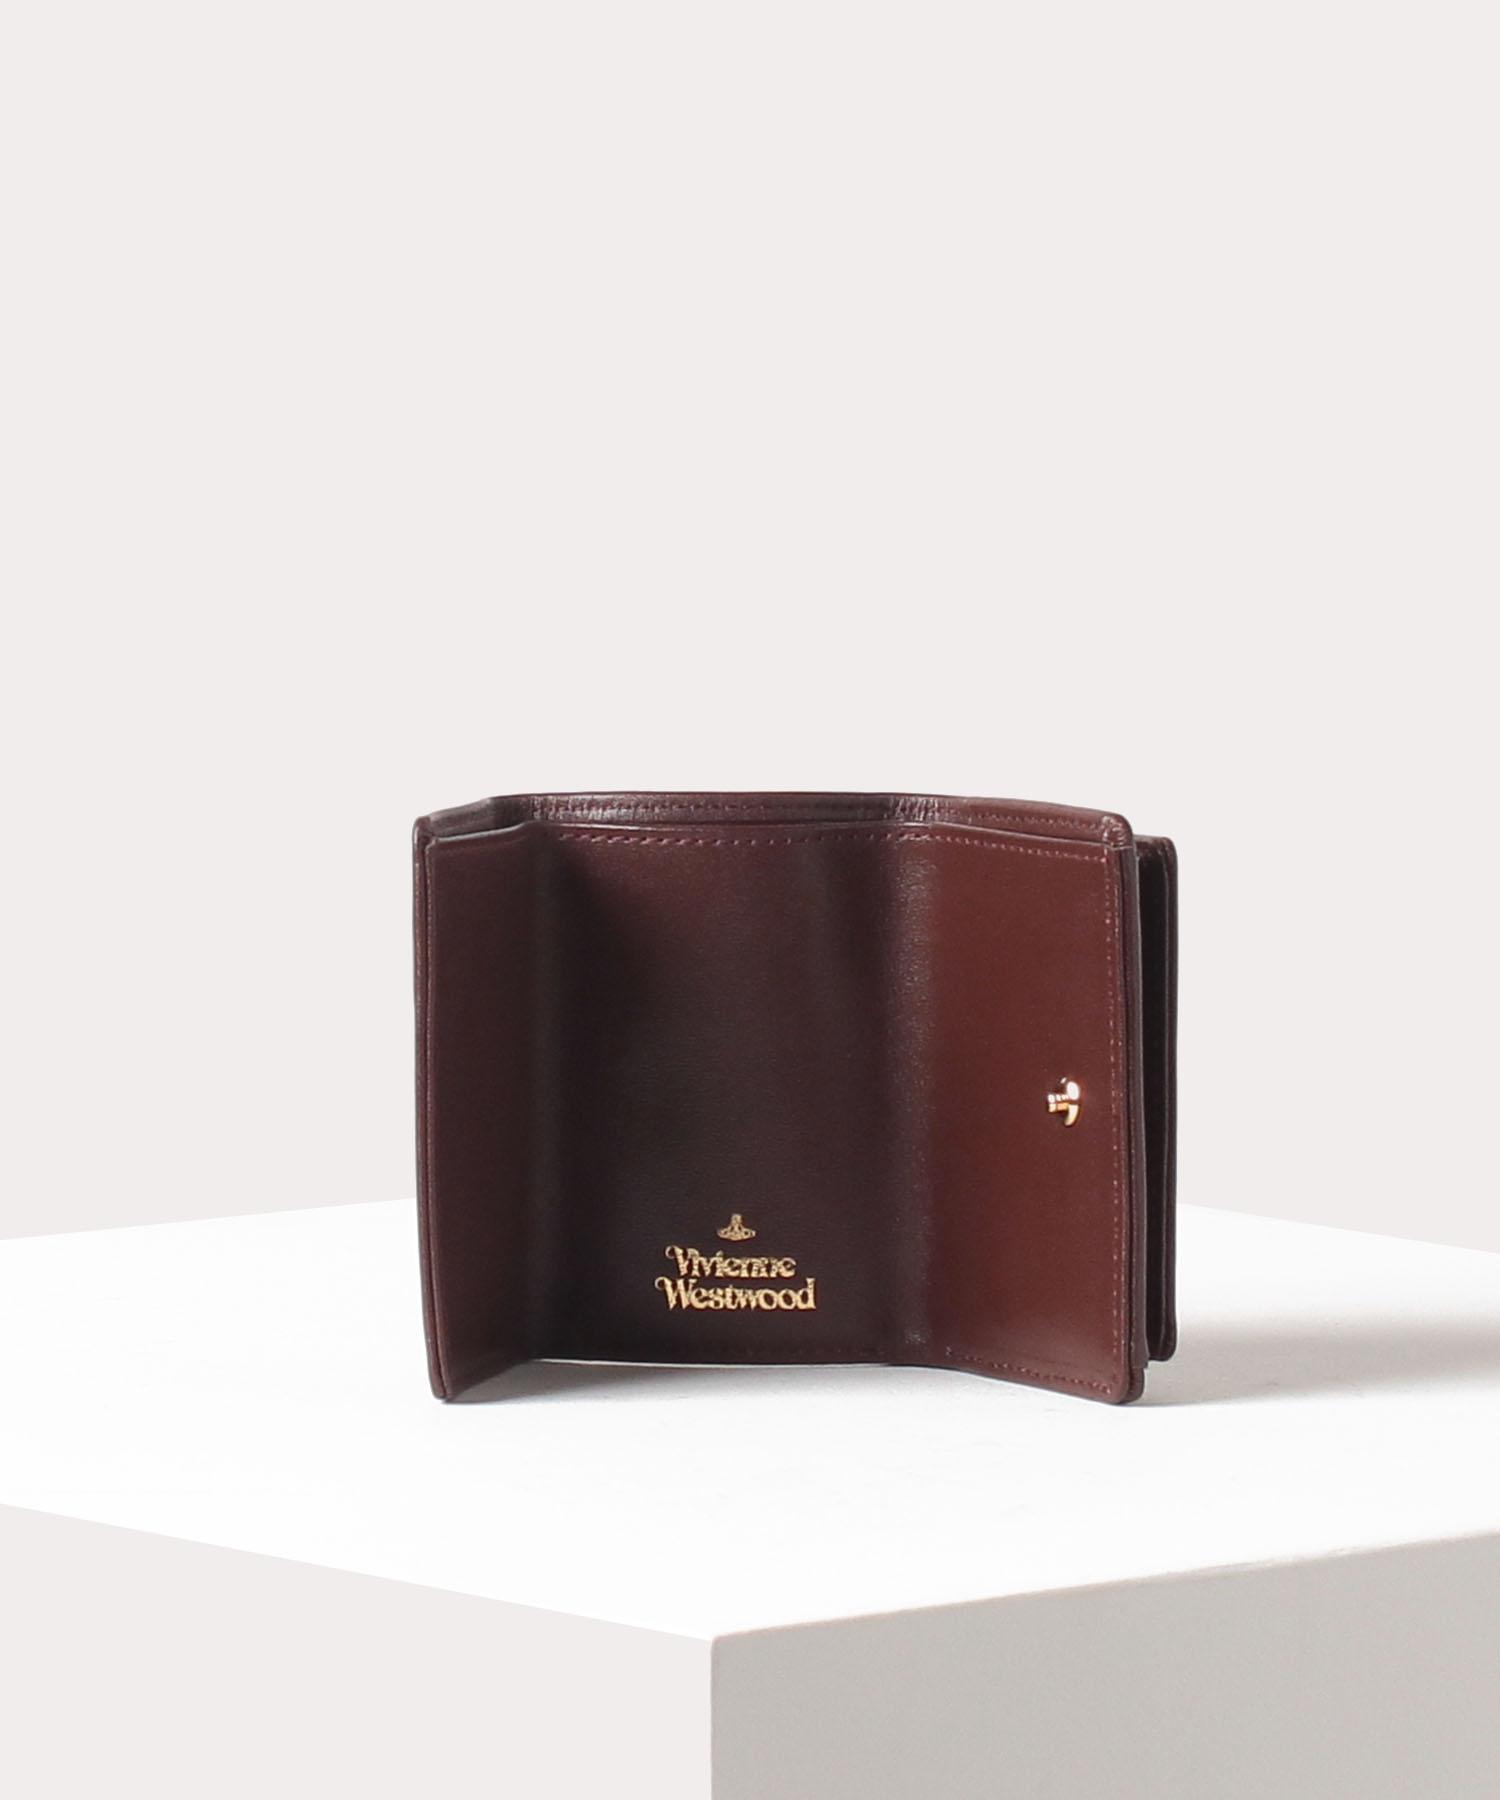 ヴィンテージ WATER ORB 三つ折り財布